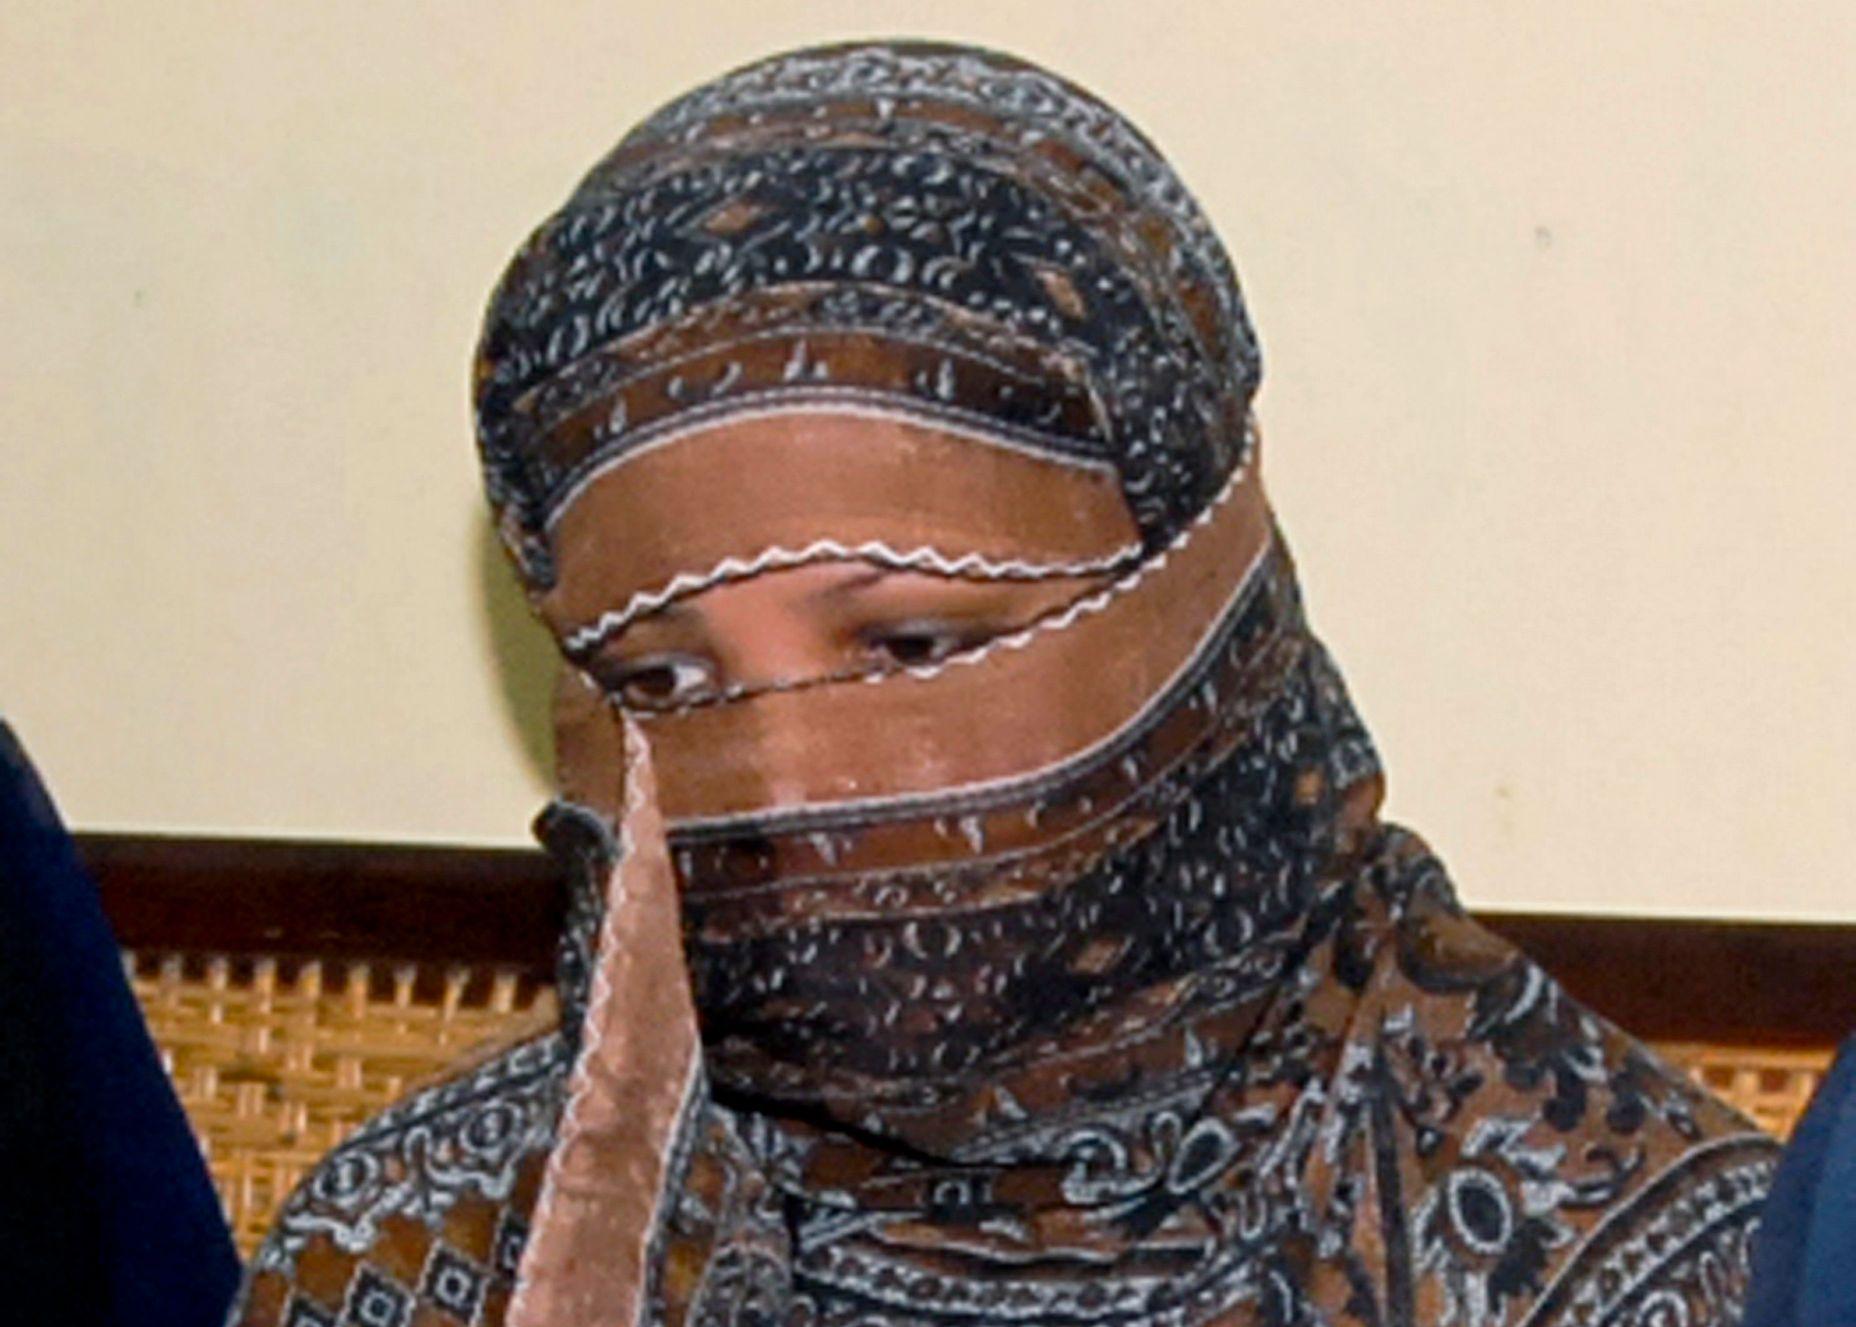 LØSLATT: Romersk-katolske Asia Bibi fra Punjab i Pakistan er blitt frikjent for blasfemi og løslatt etter ni år i fengsel. Bildet er tatt i november 2010.